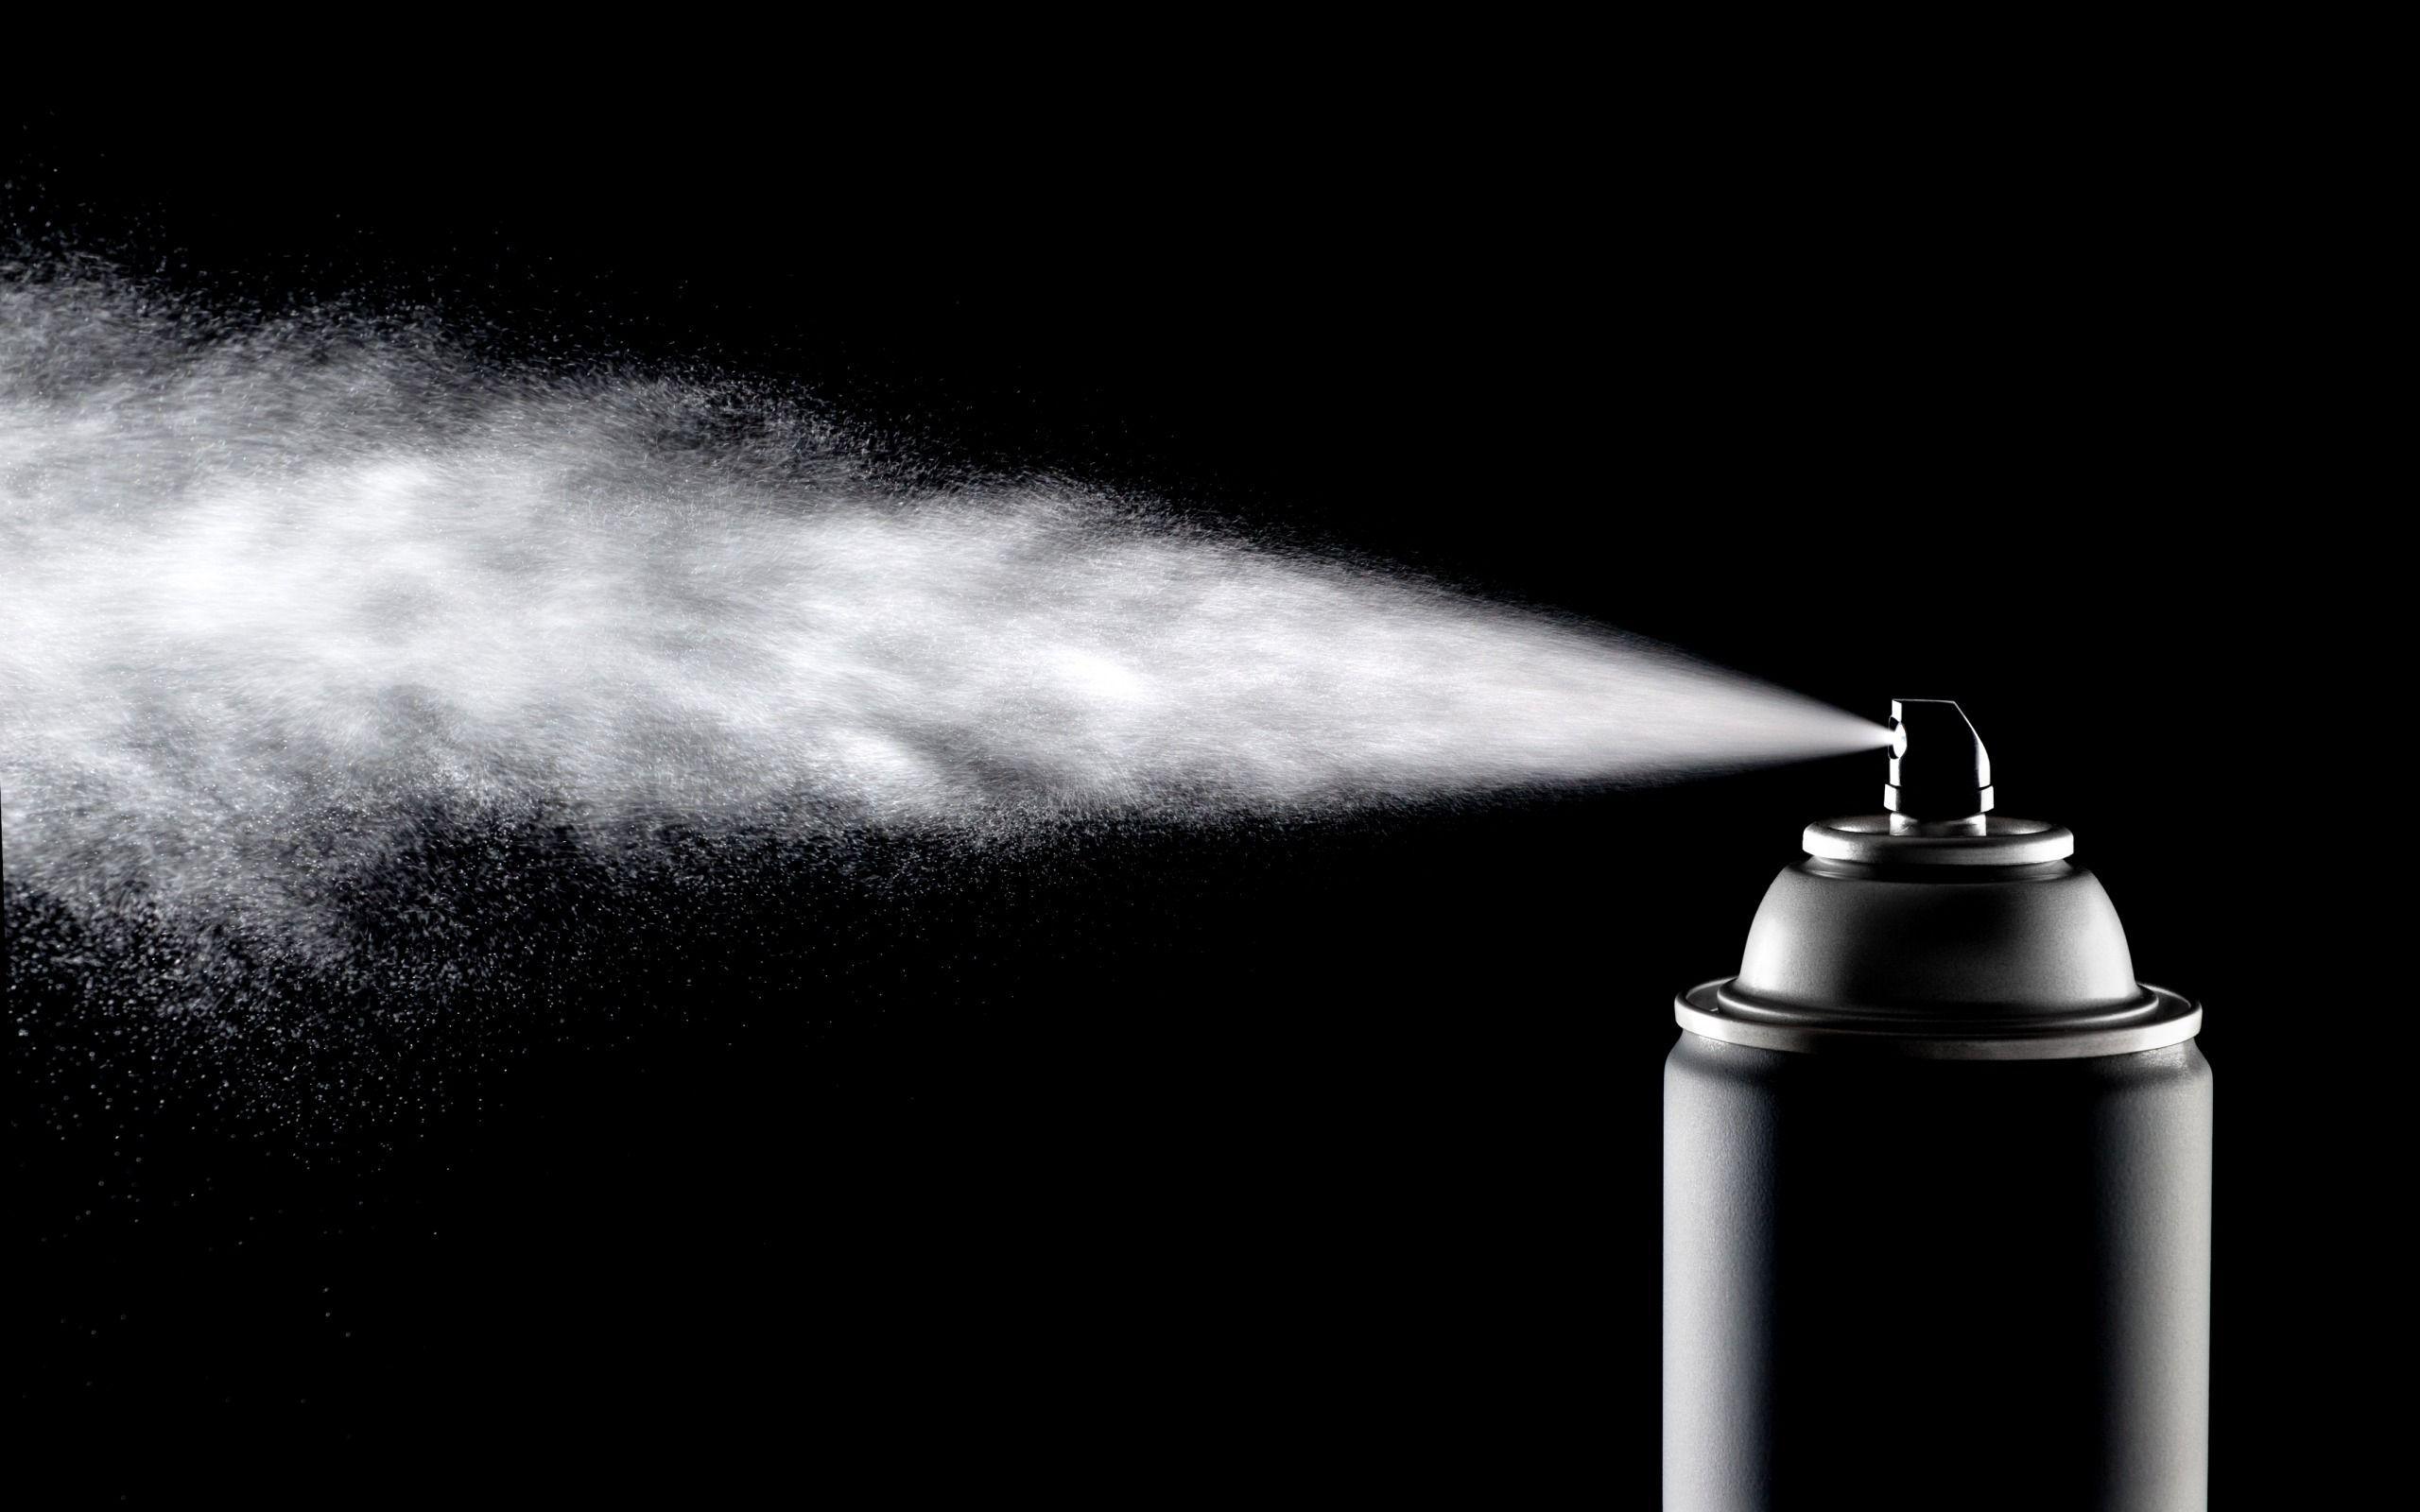 Шампуни, лаки и духи загрязняют городской воздух не хуже выхлопных газов автомобилей